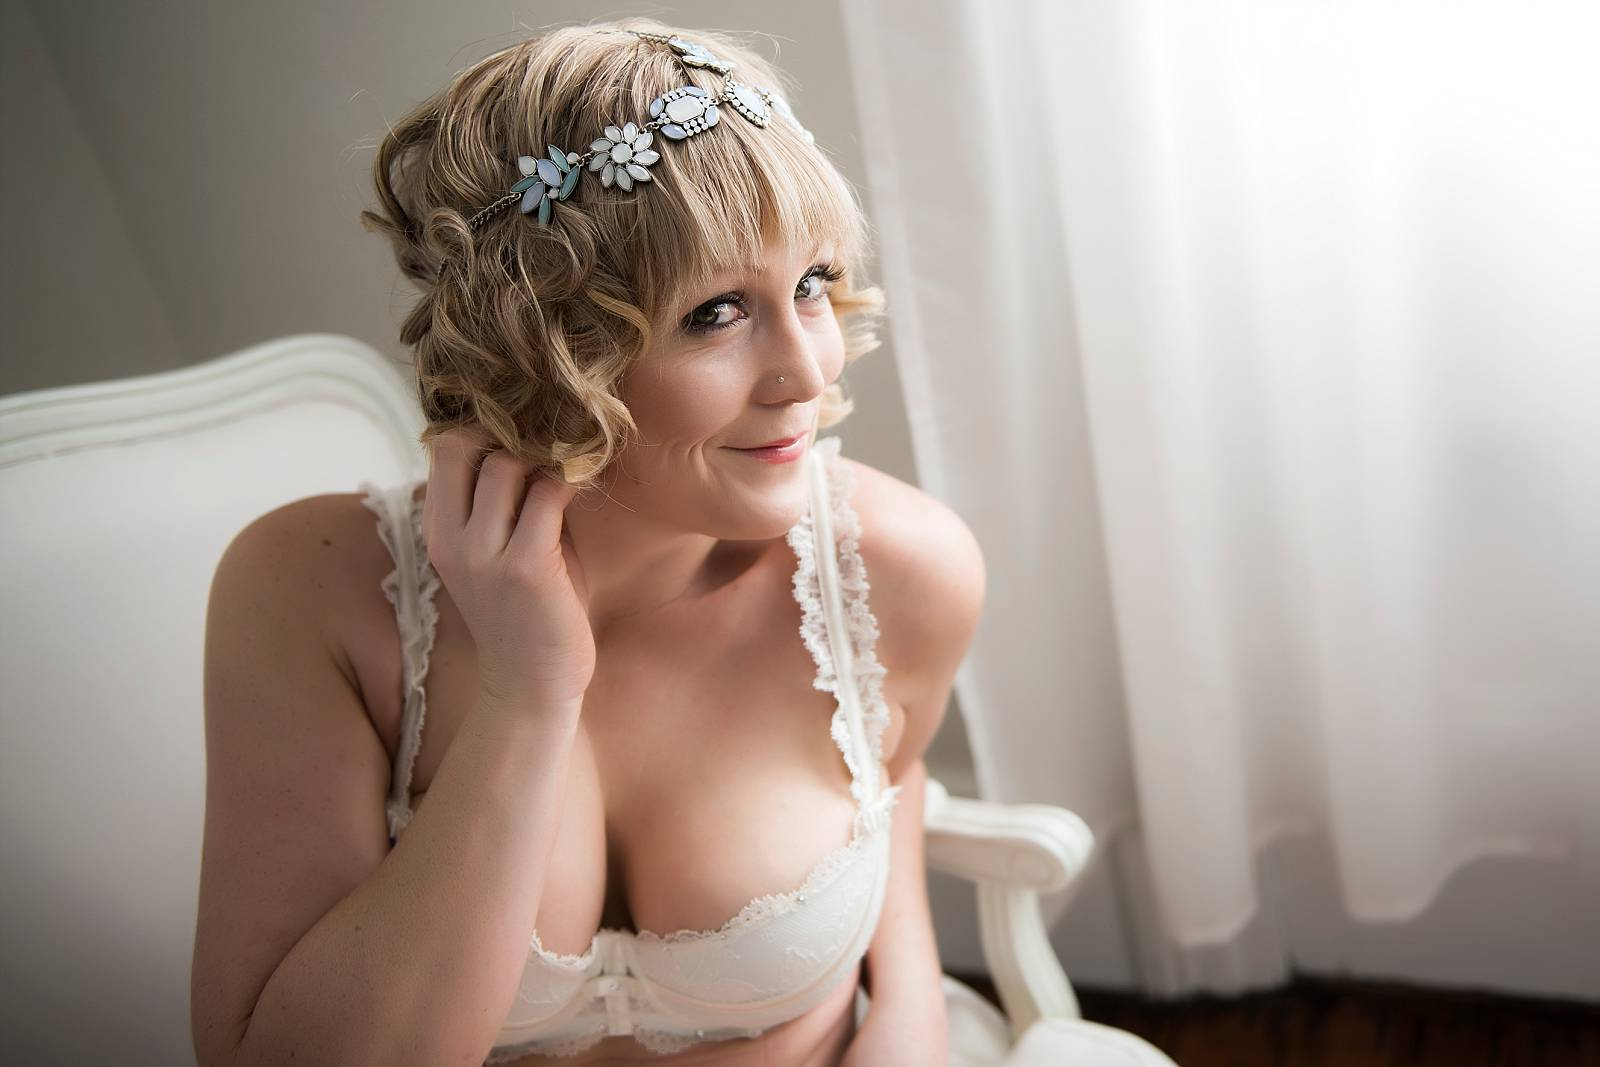 Sexy-bridal-photos-02.jpg